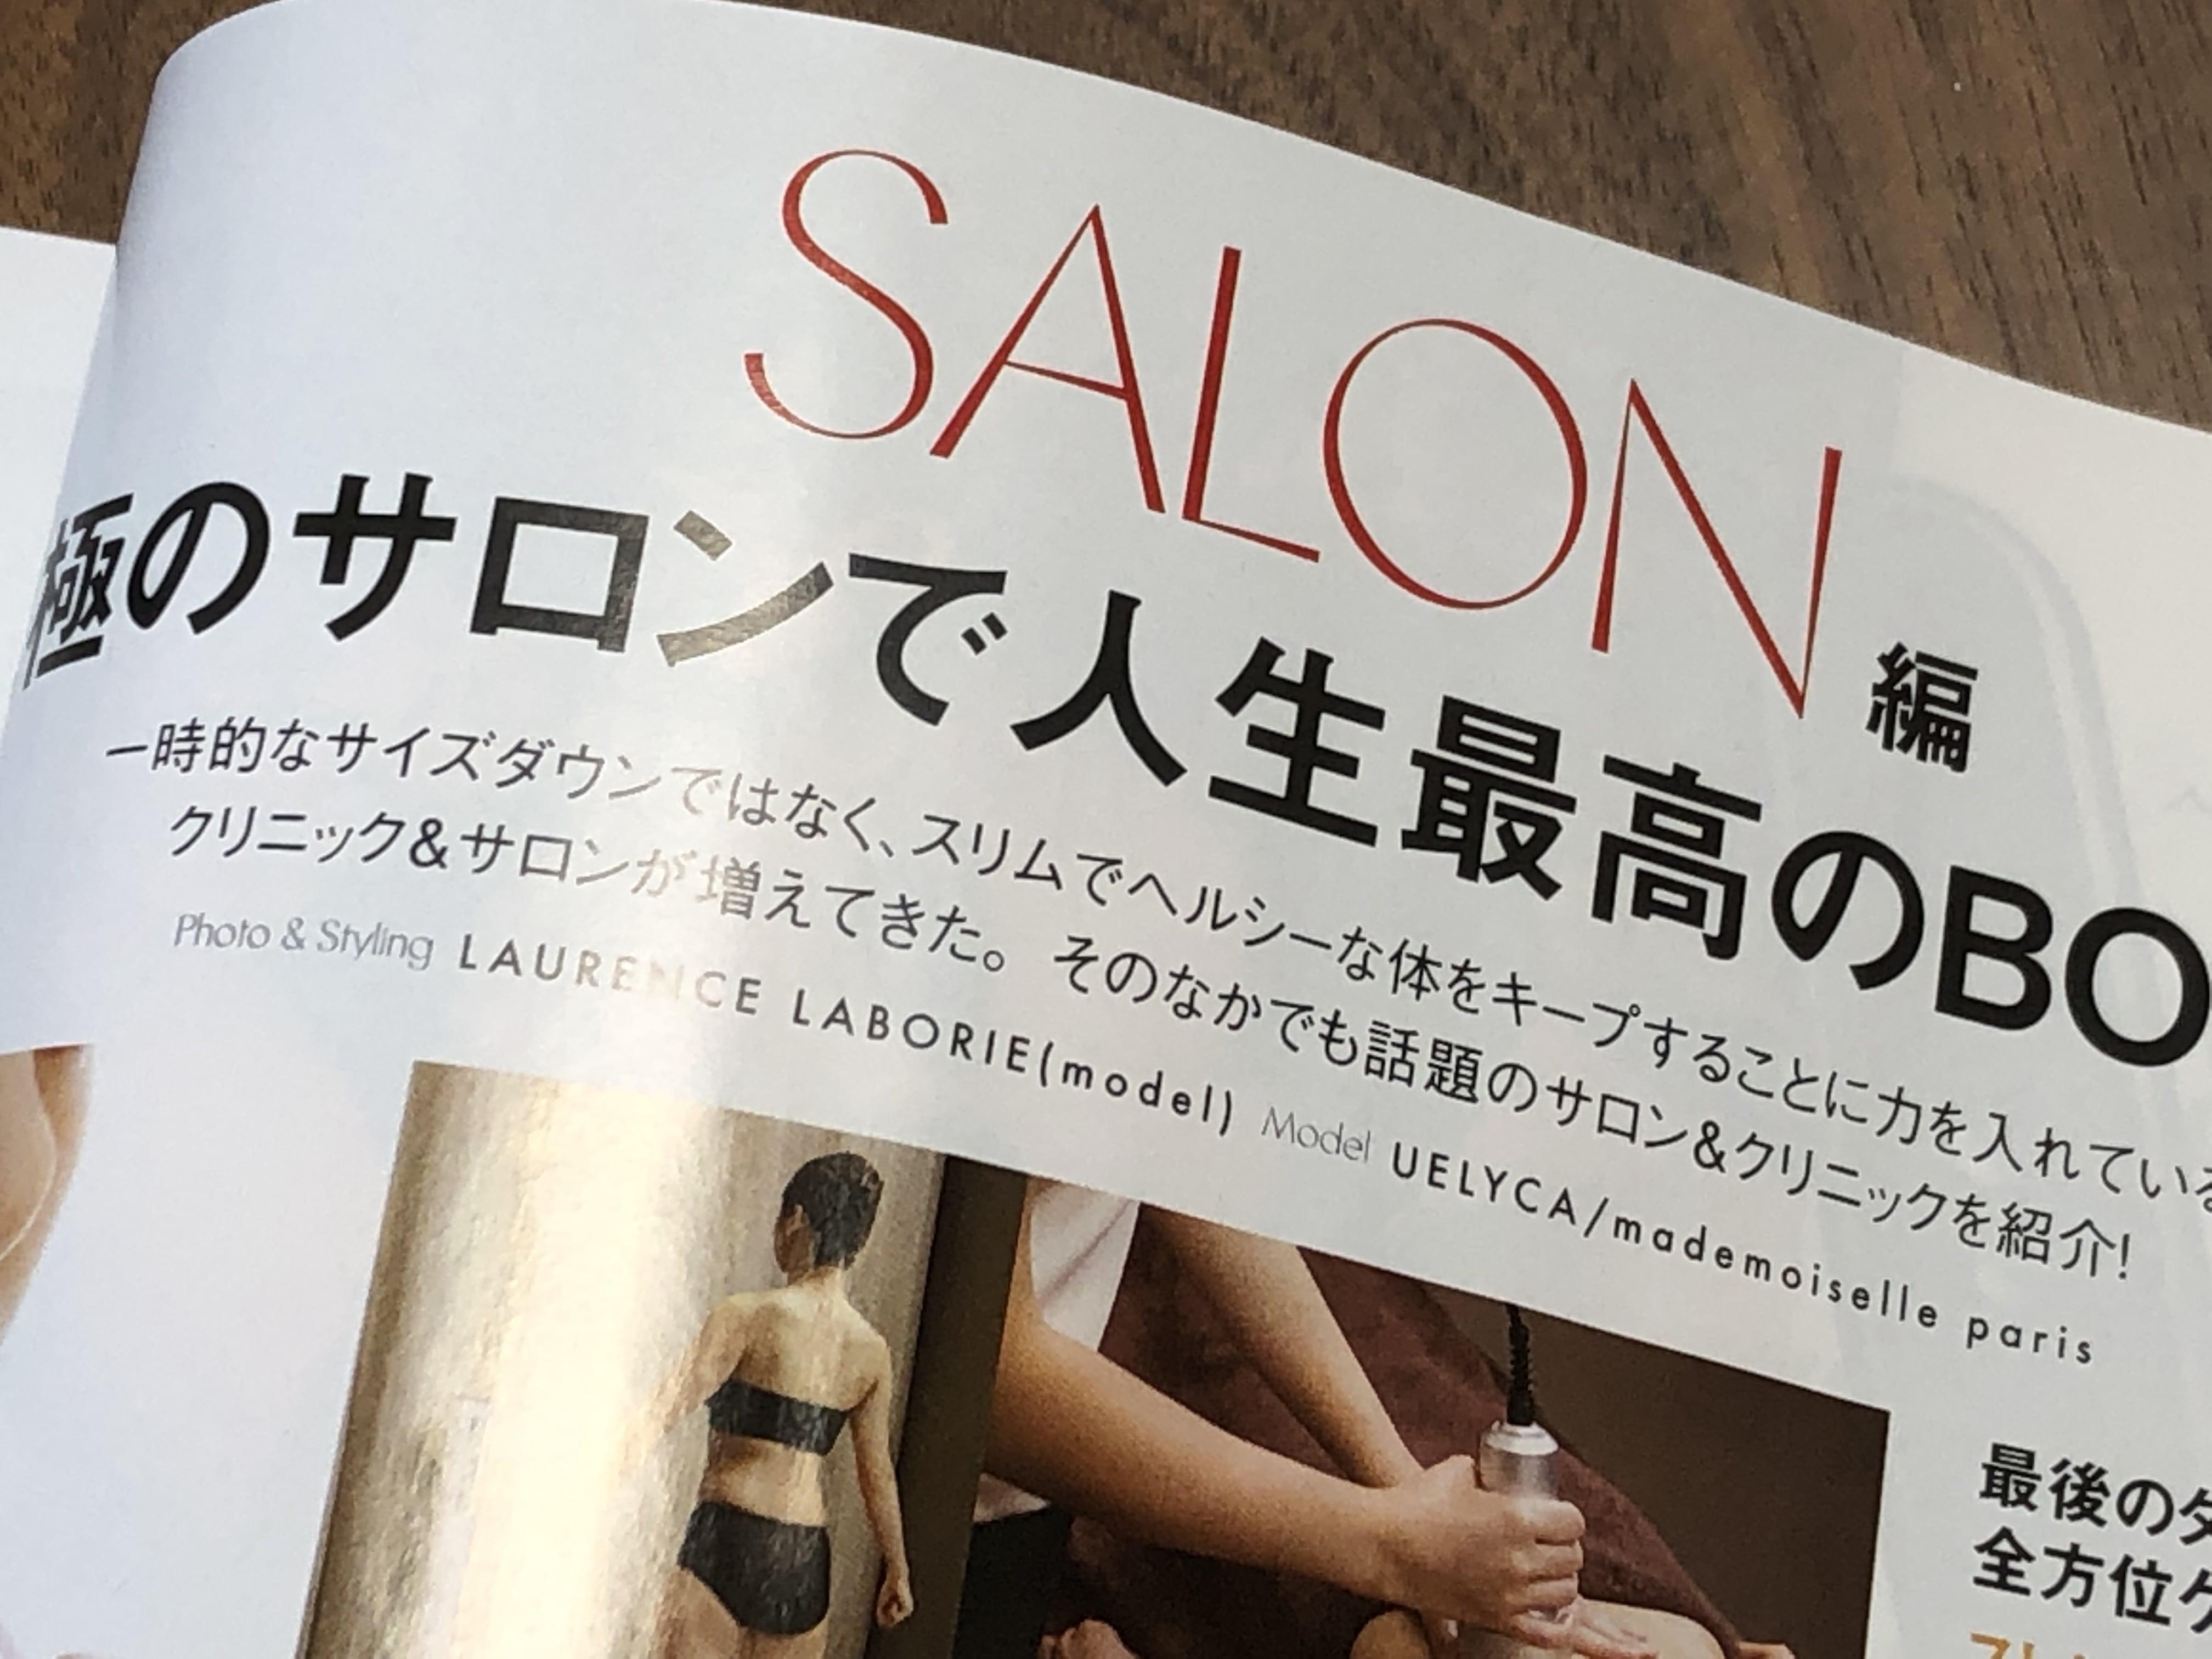 「表参道セラサイズスタジオ」がELLE JAPON (エル・ジャポン) 2019 年 07 月号で紹介されました!